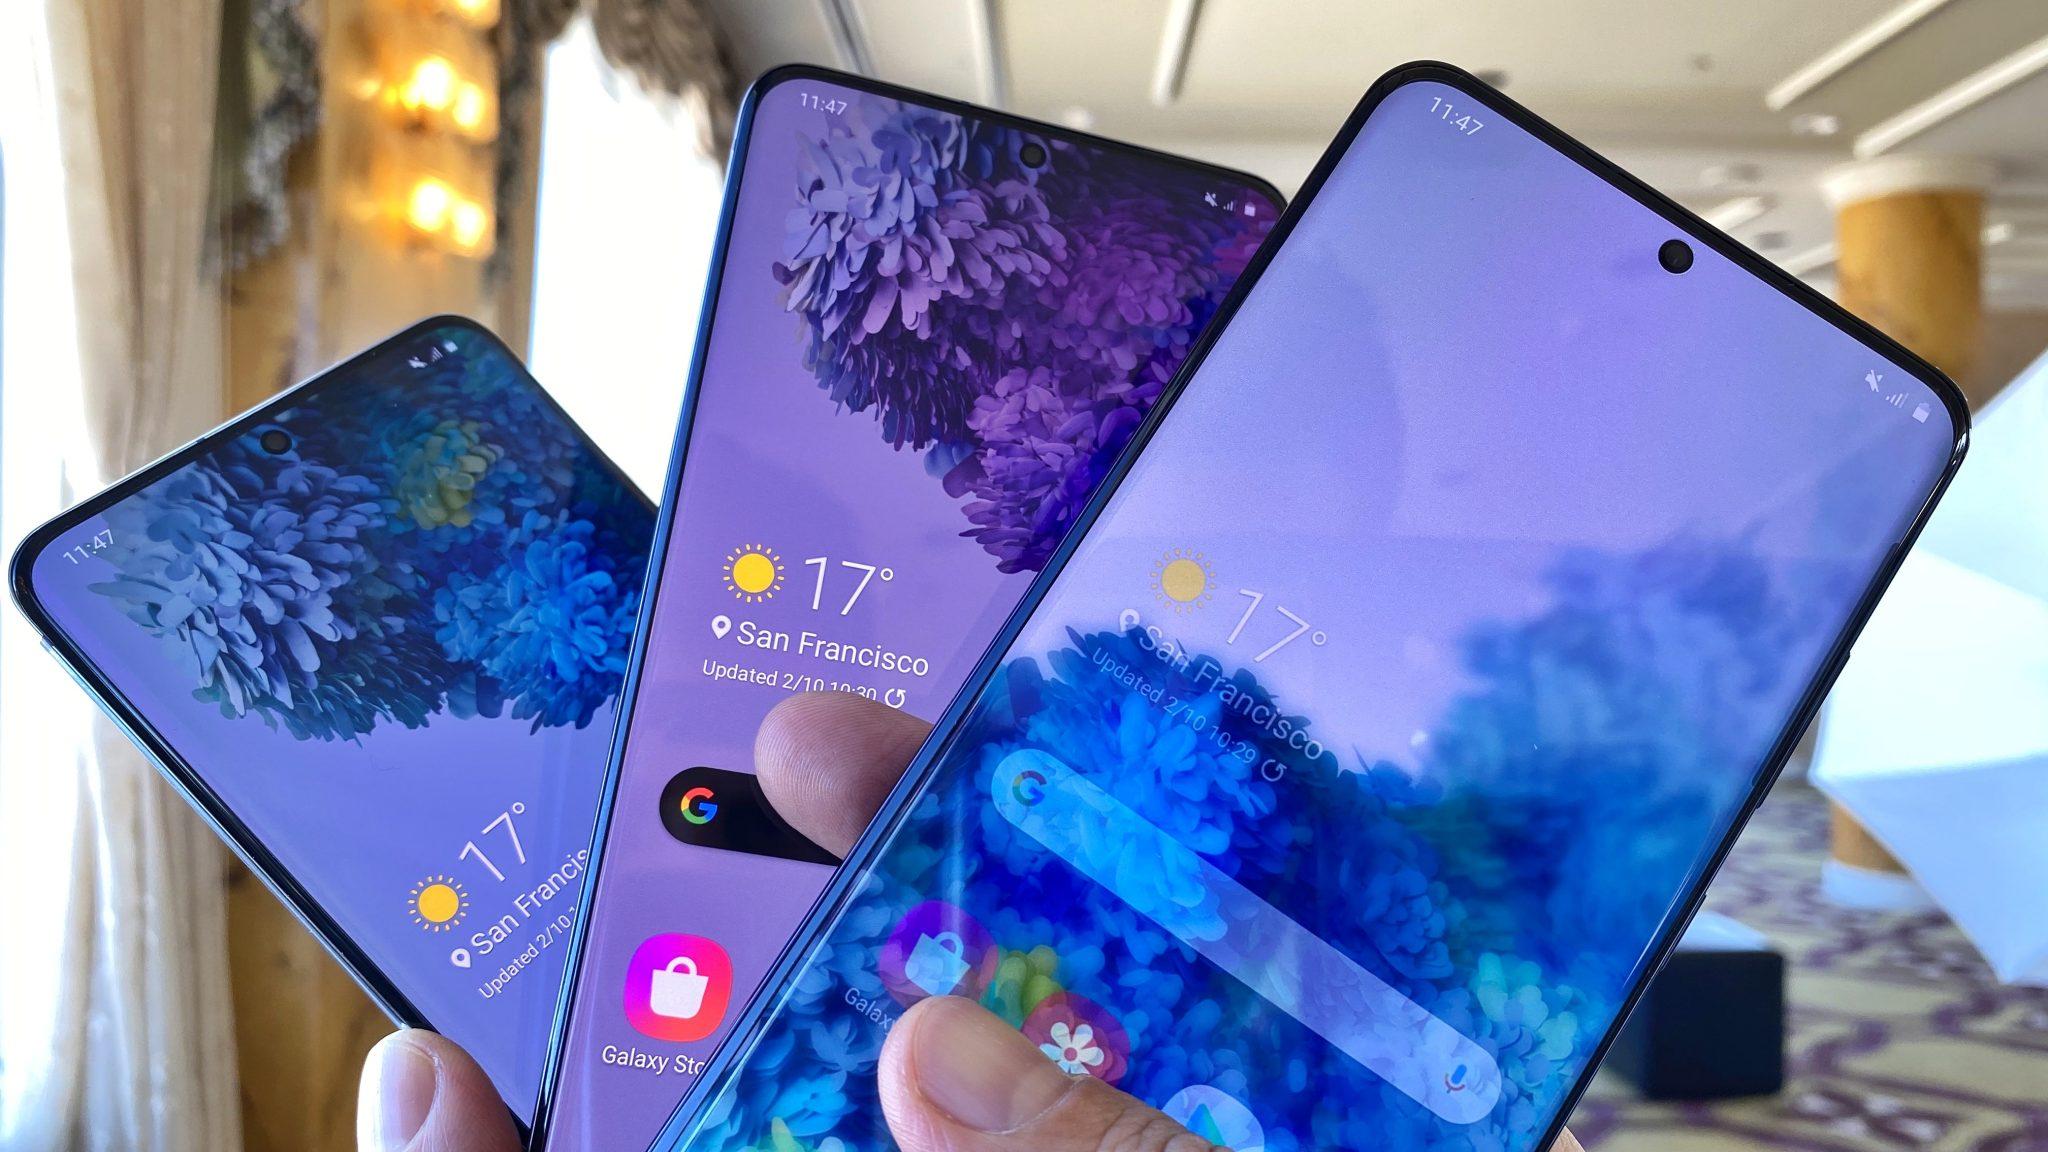 Galaxy    S20, S20 + dan S20 Ultra, dalam bentuk kipas, dengan wallpaper dalam variasi biru dan ungu.